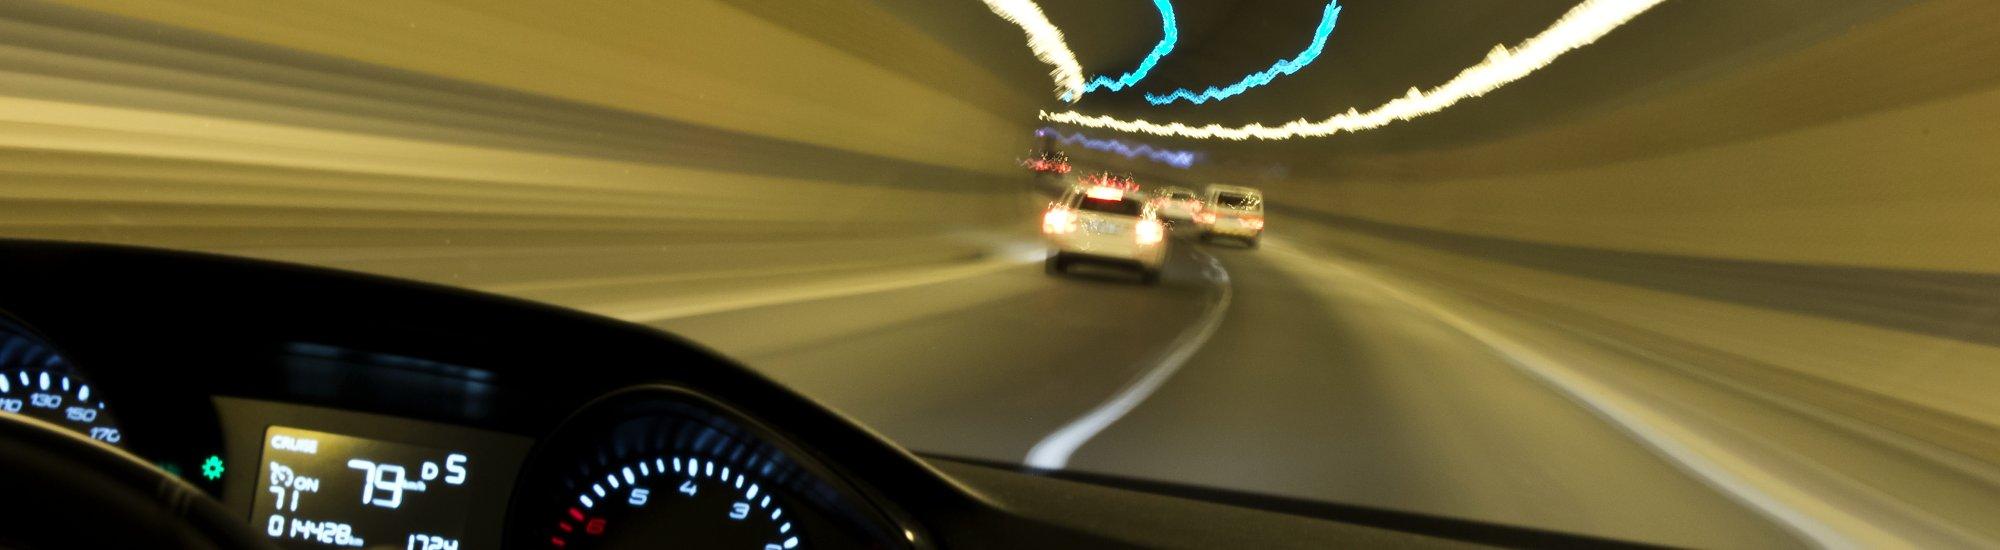 Pokutování rychlé jízdy